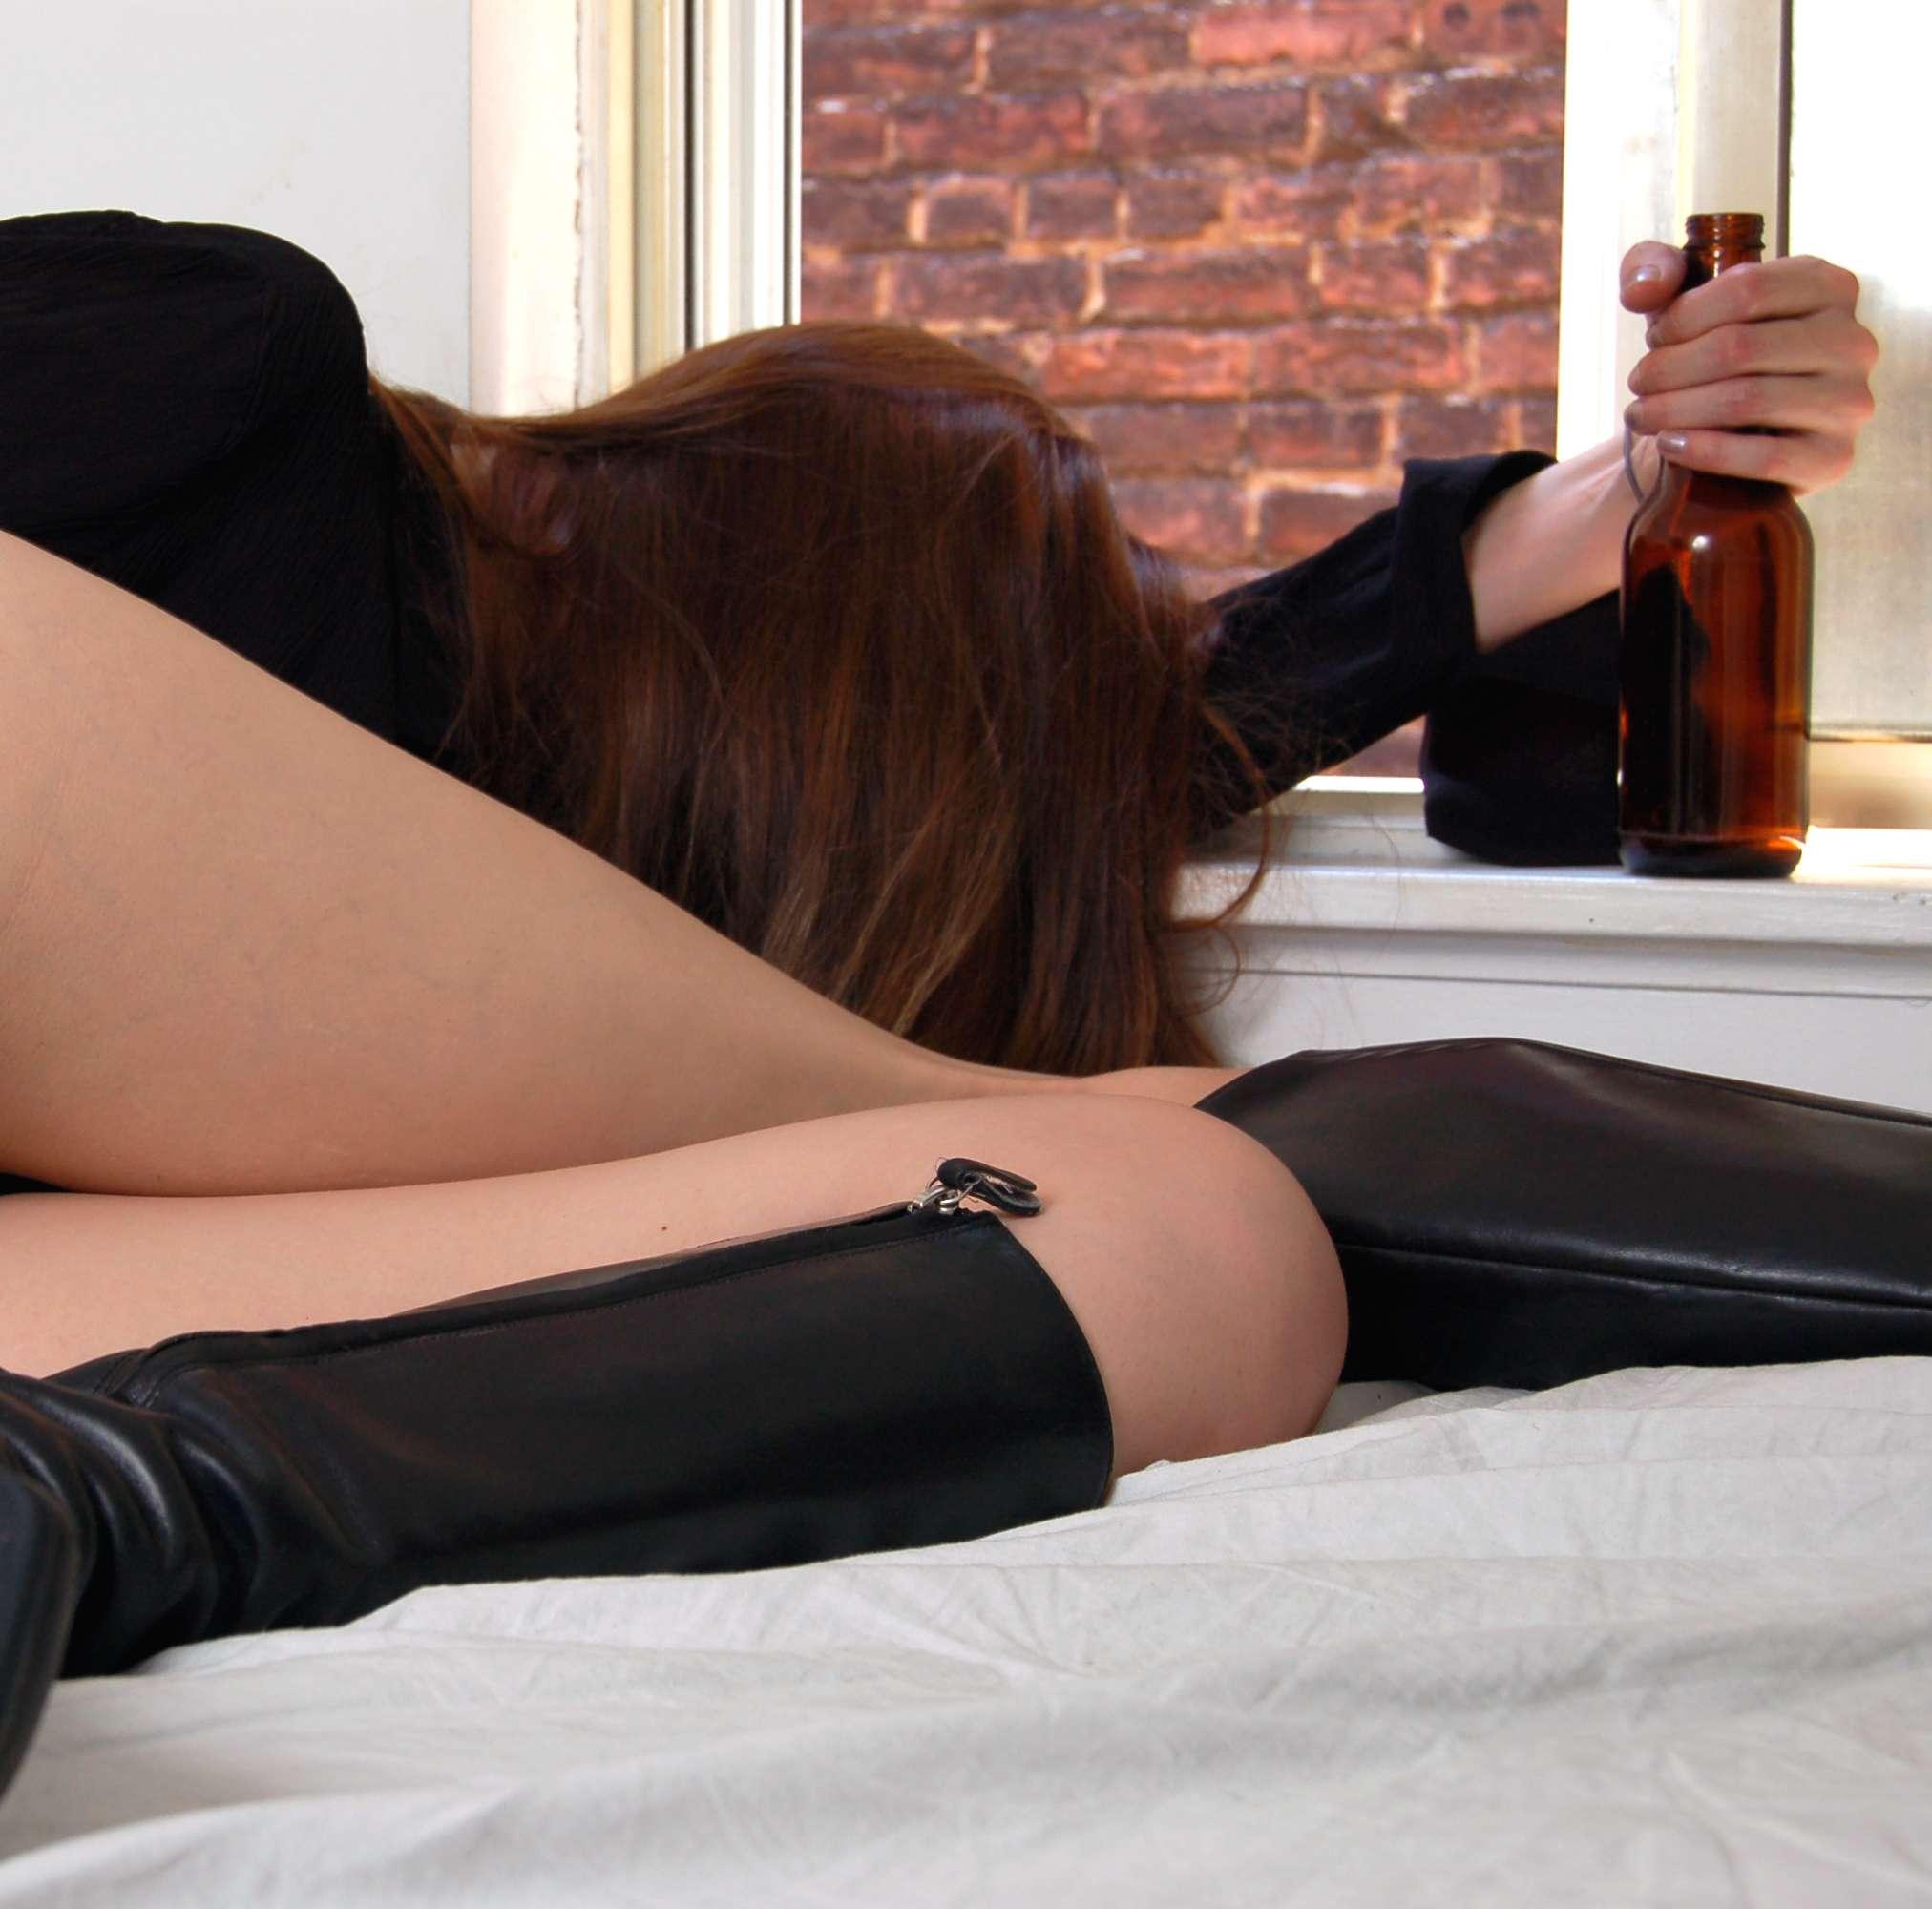 Sexo y alcohol: los riesgos de esta combinación